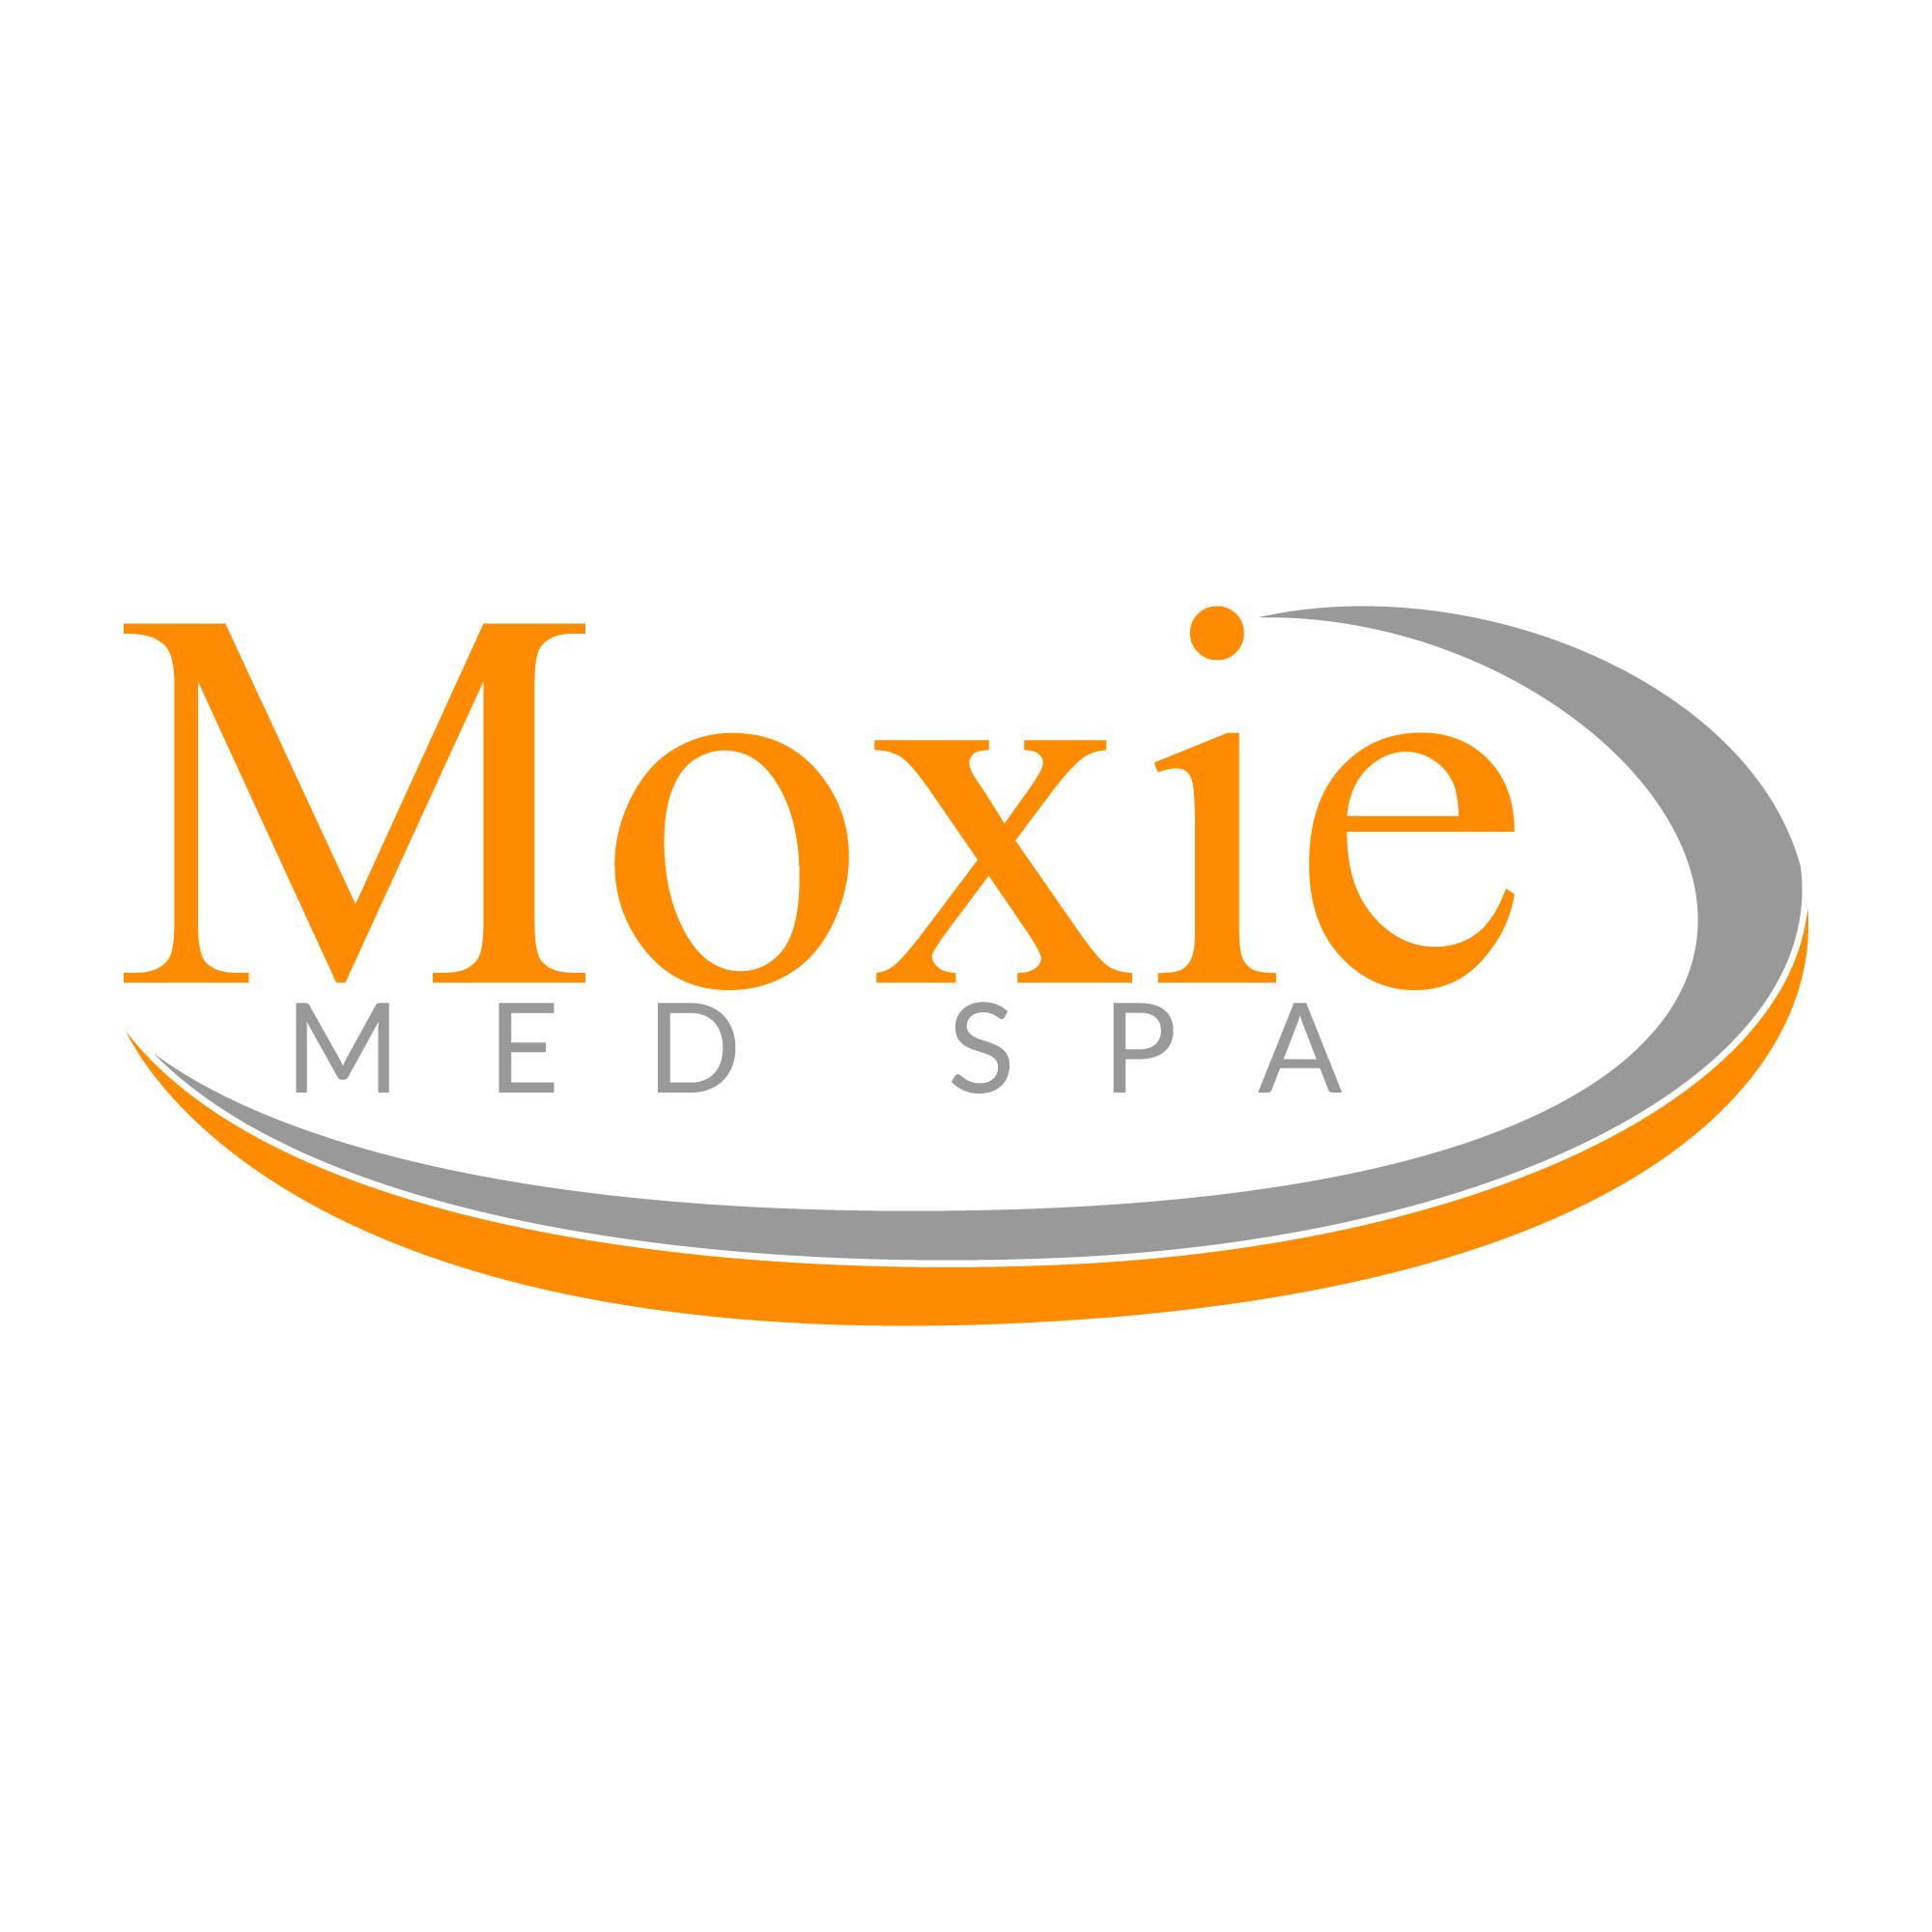 Moxie Med Spa